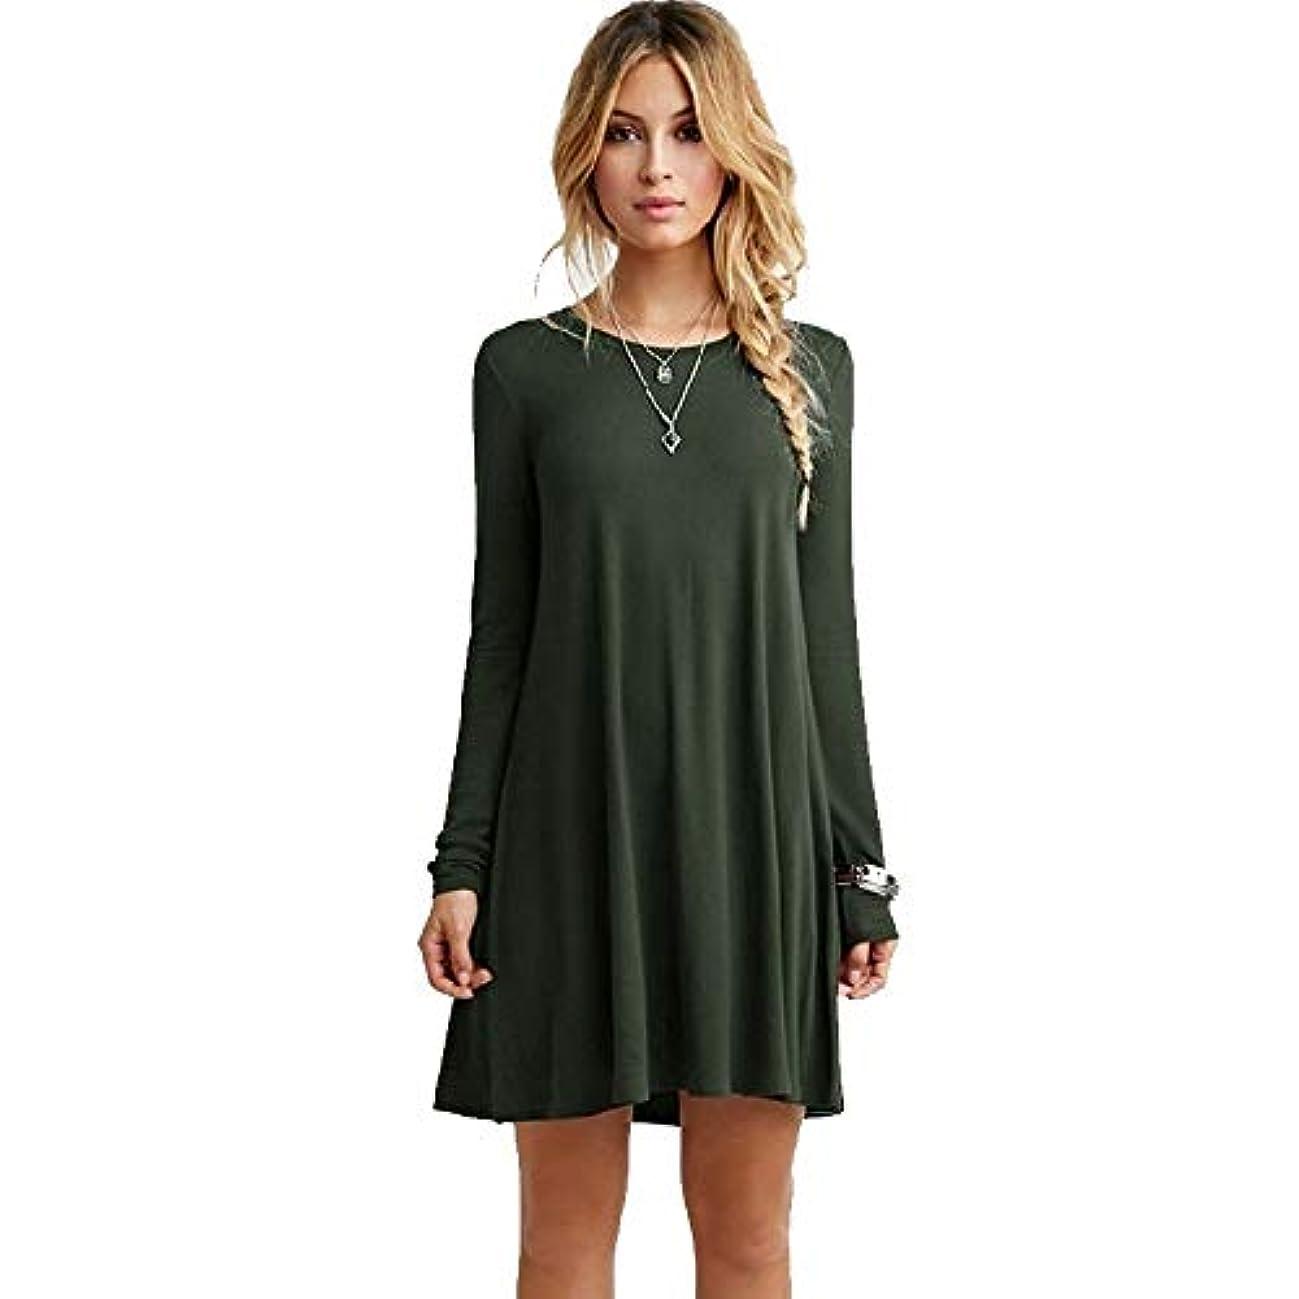 ブッシュ時代遅れマンハッタンMIFANルースドレス、プラスサイズのドレス、長袖のドレス、女性のドレス、秋のドレス、マキシドレス、コットンドレス